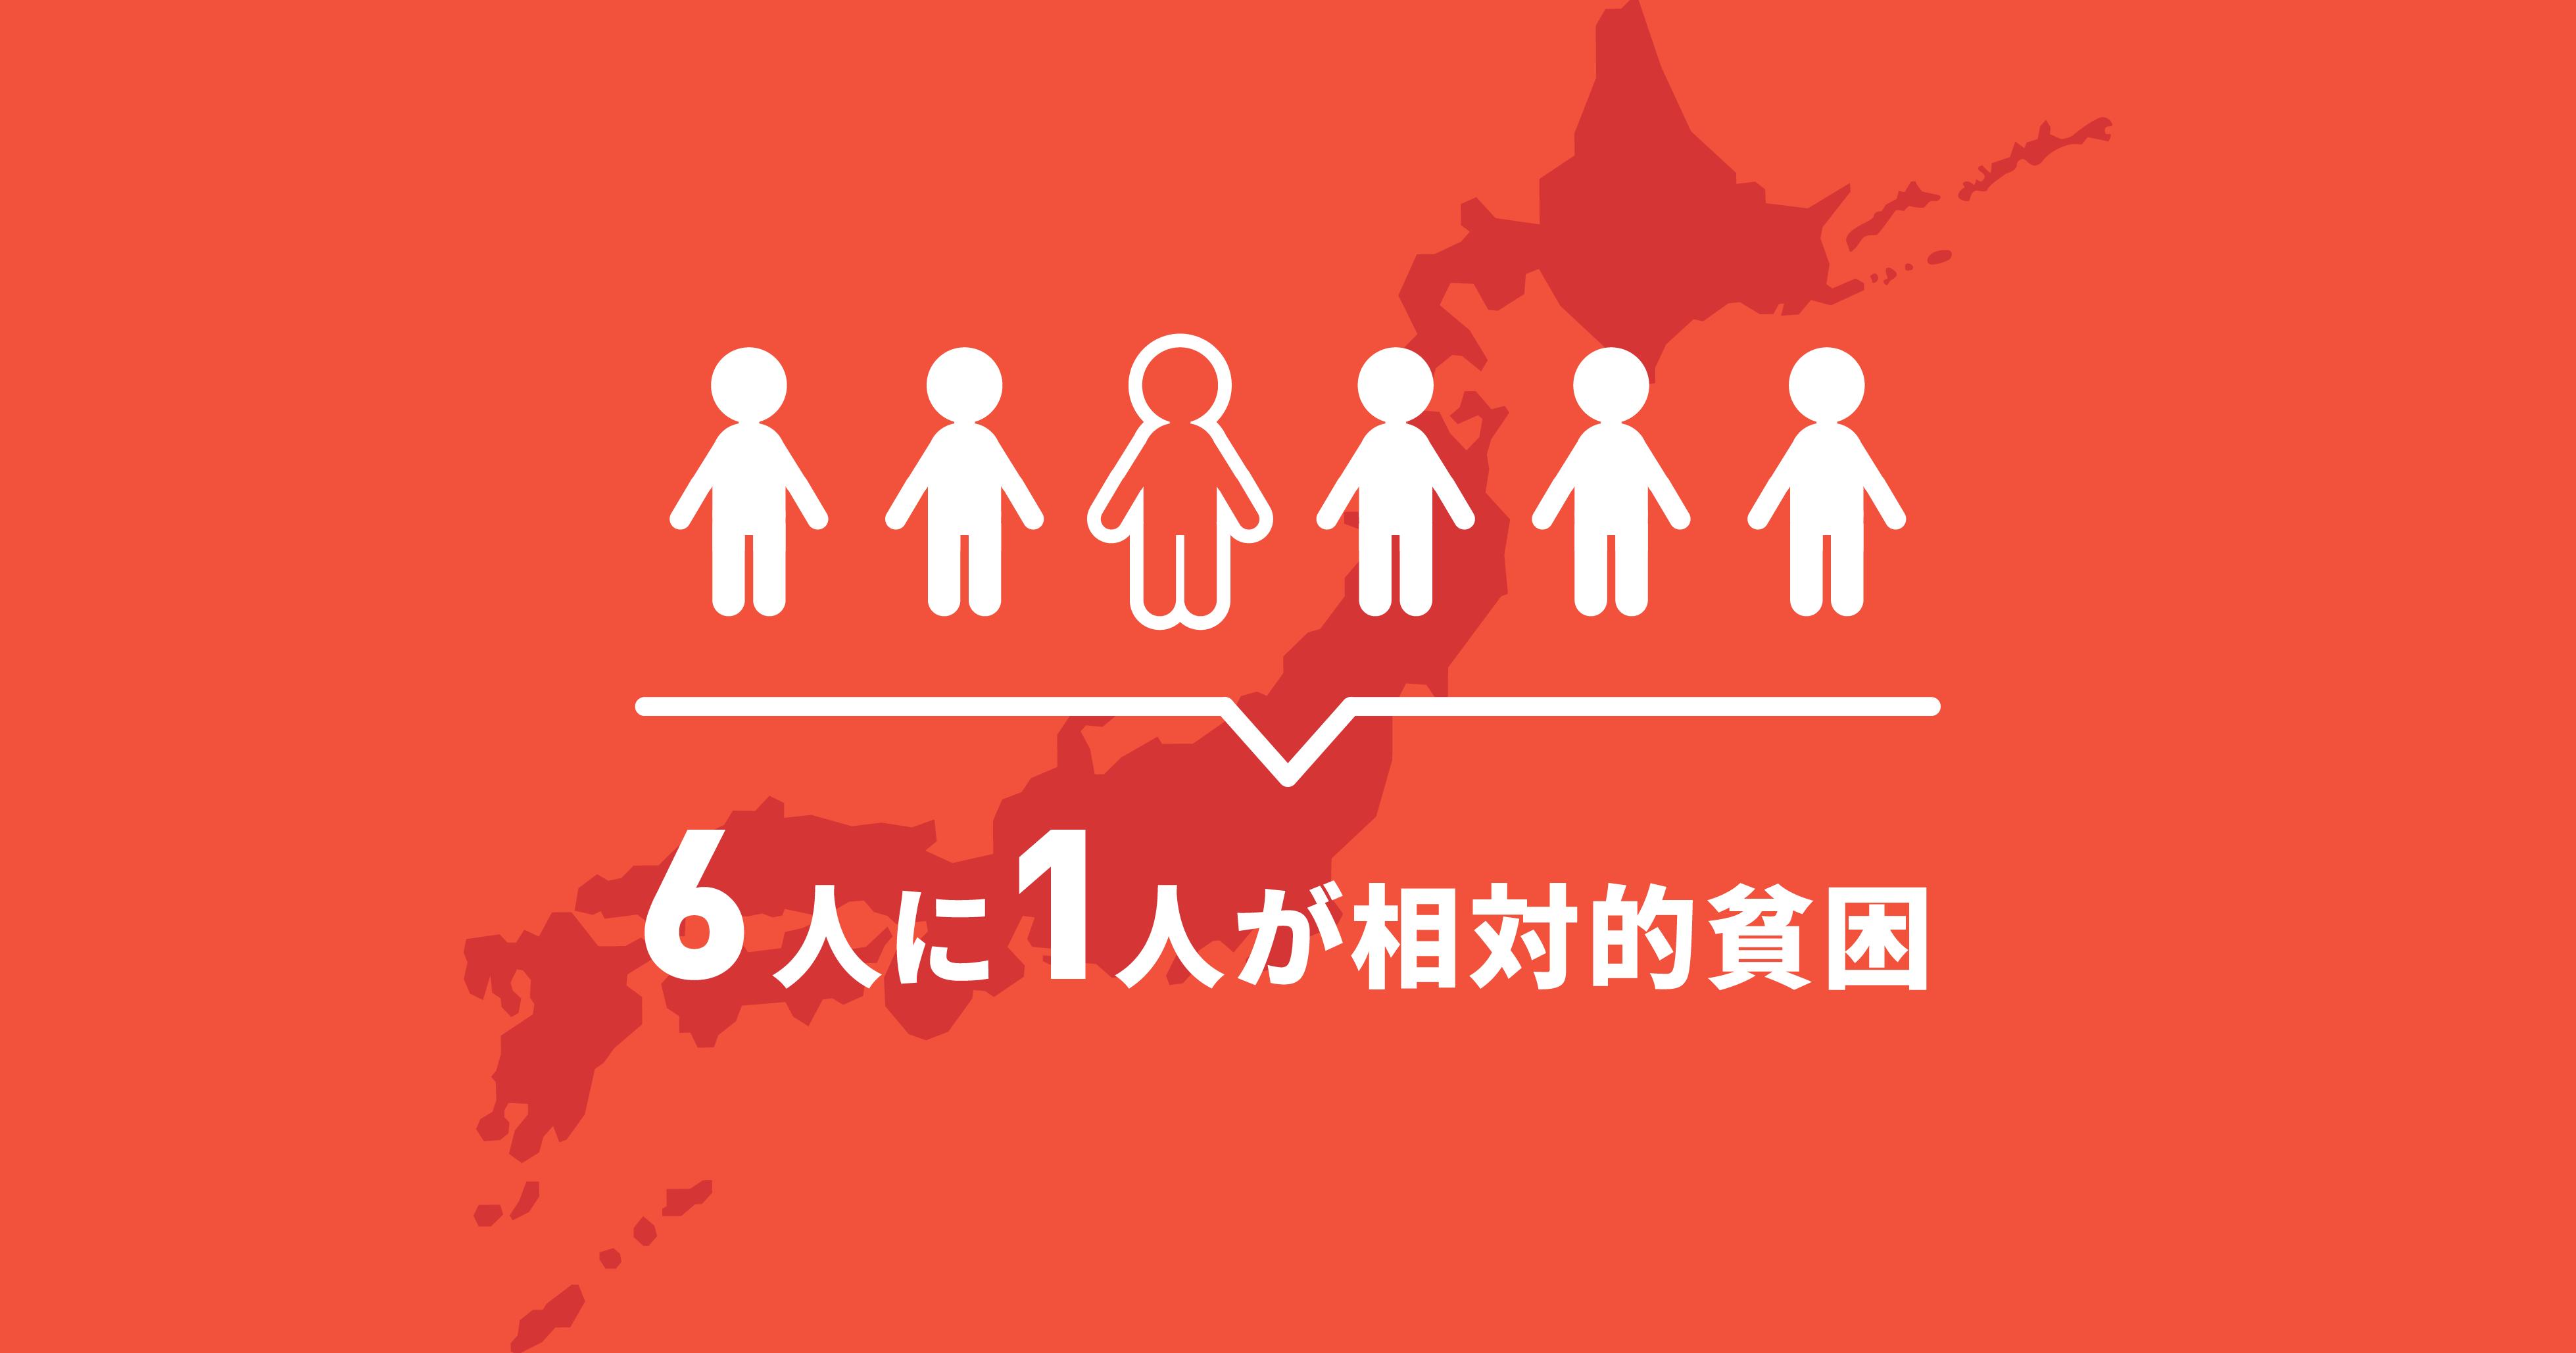 6人に1人が相対的貧困